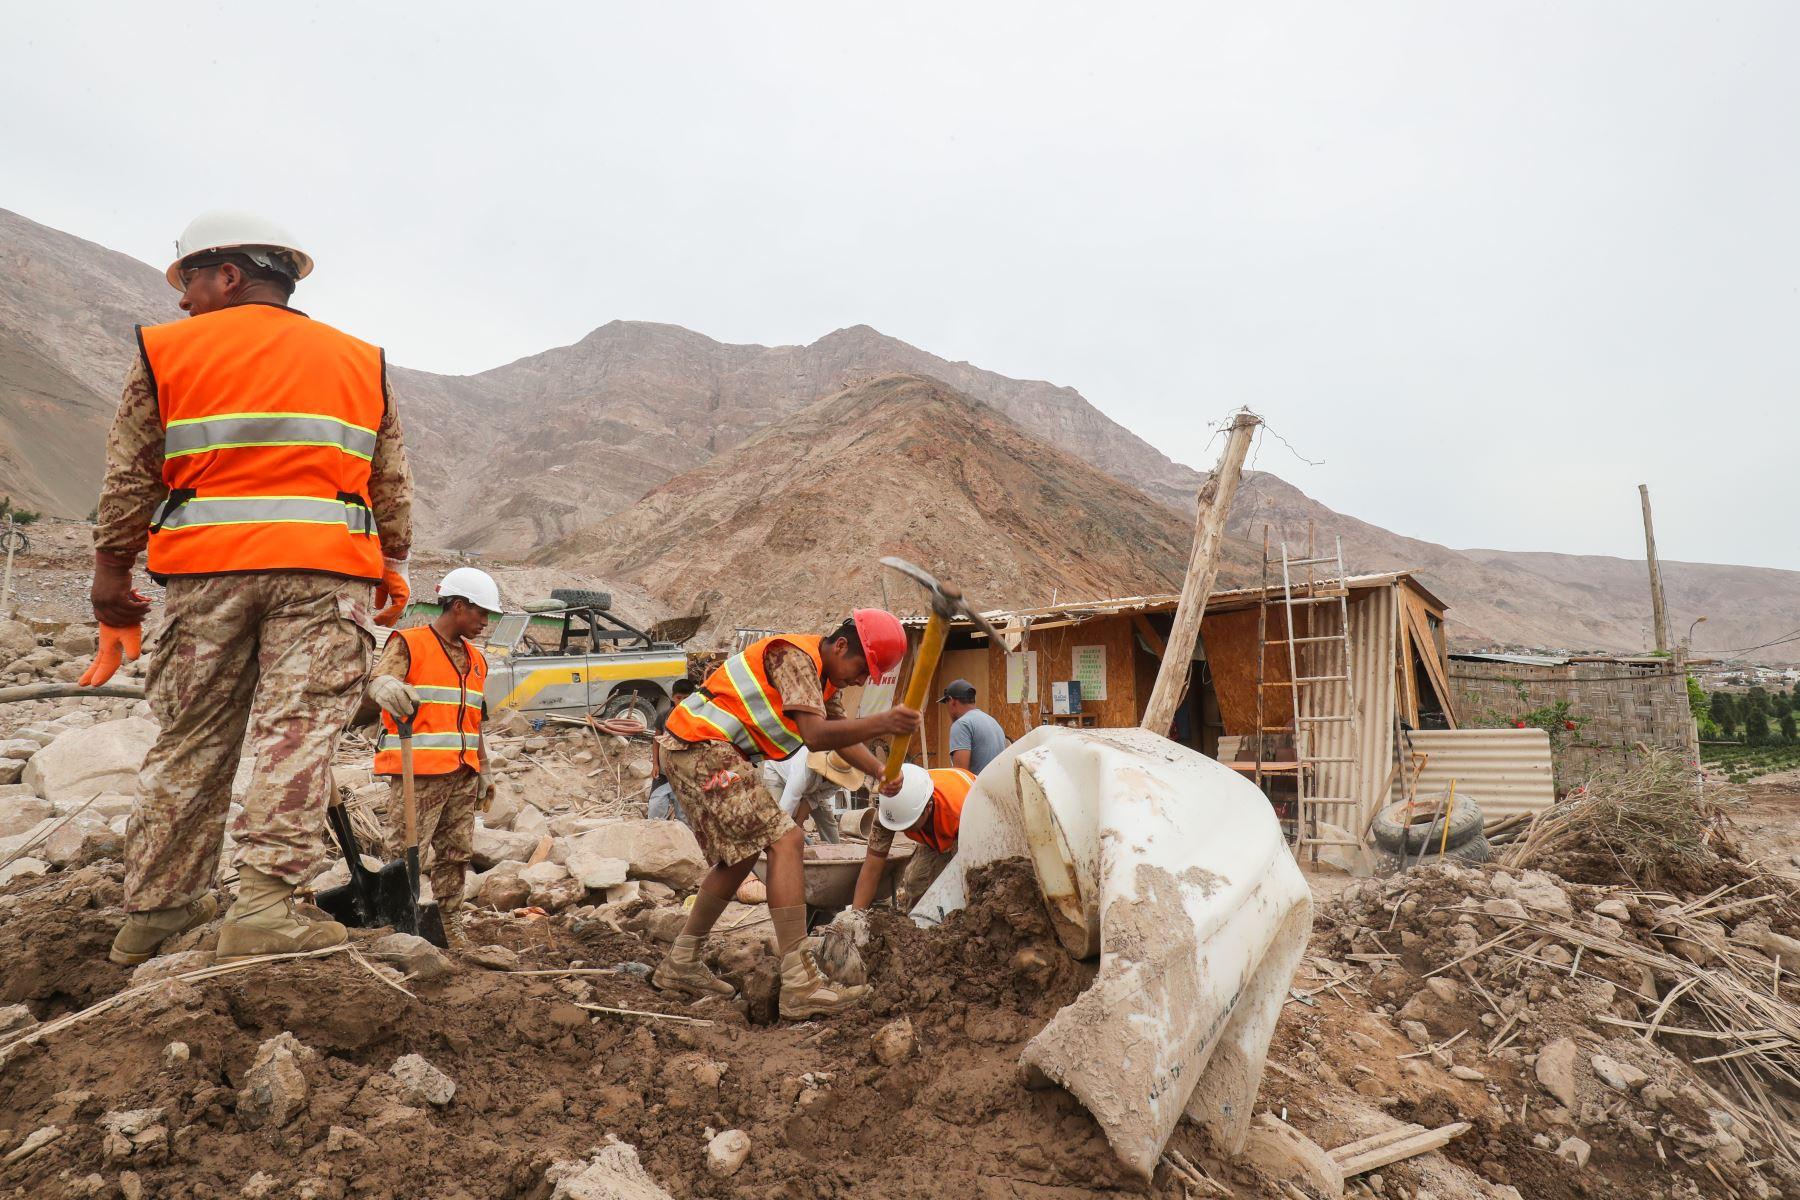 Trabajos de remoción de escombros por parte del personal del ejército y pobladores afectados por los huaycos en el distrito de Aplao.  Foto: ANDINA/Juan Carlos Guzmán Negrini.